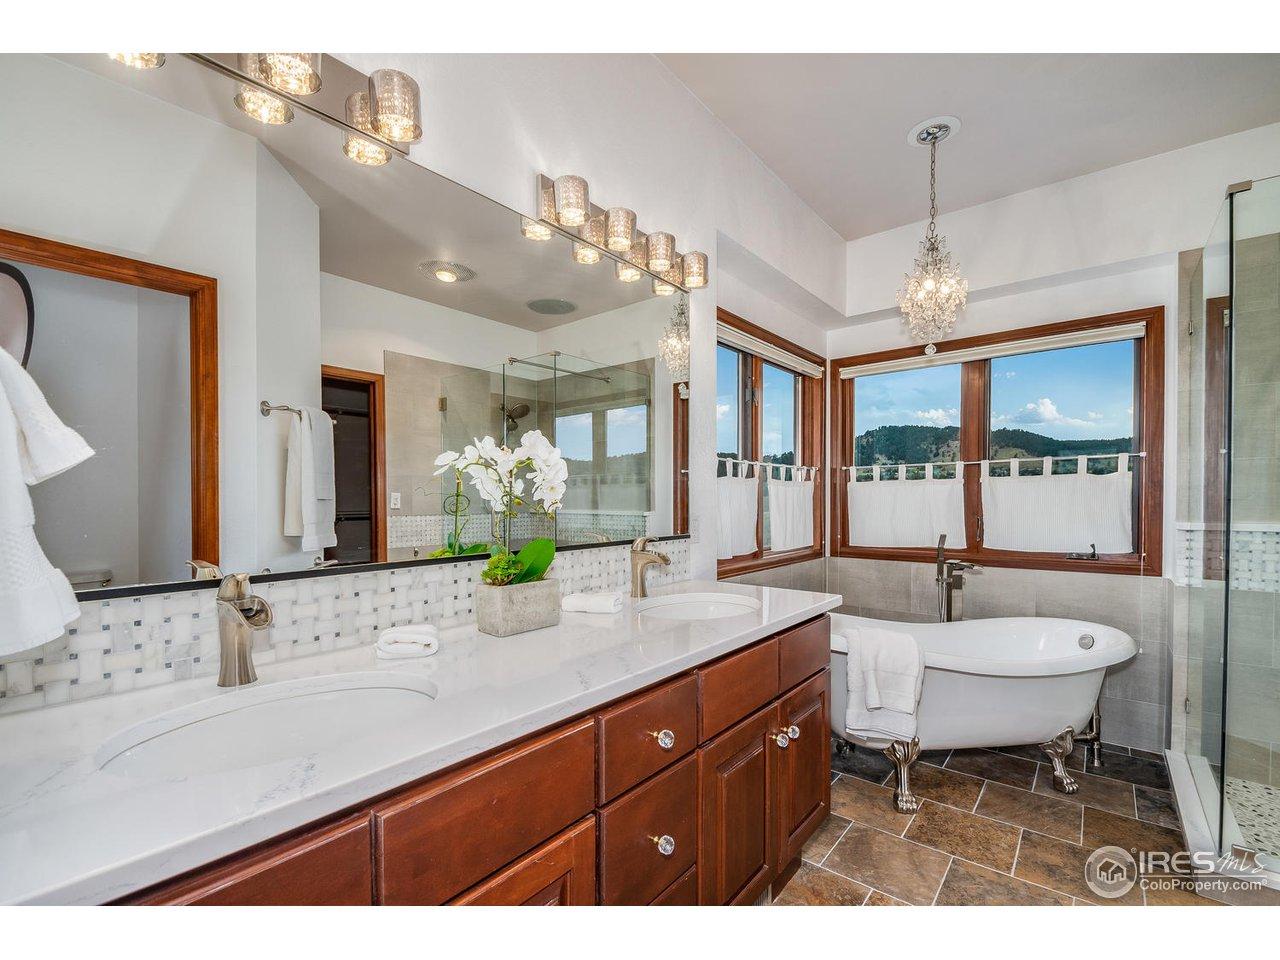 496 Buena Vista Rd, Golden CO 80401